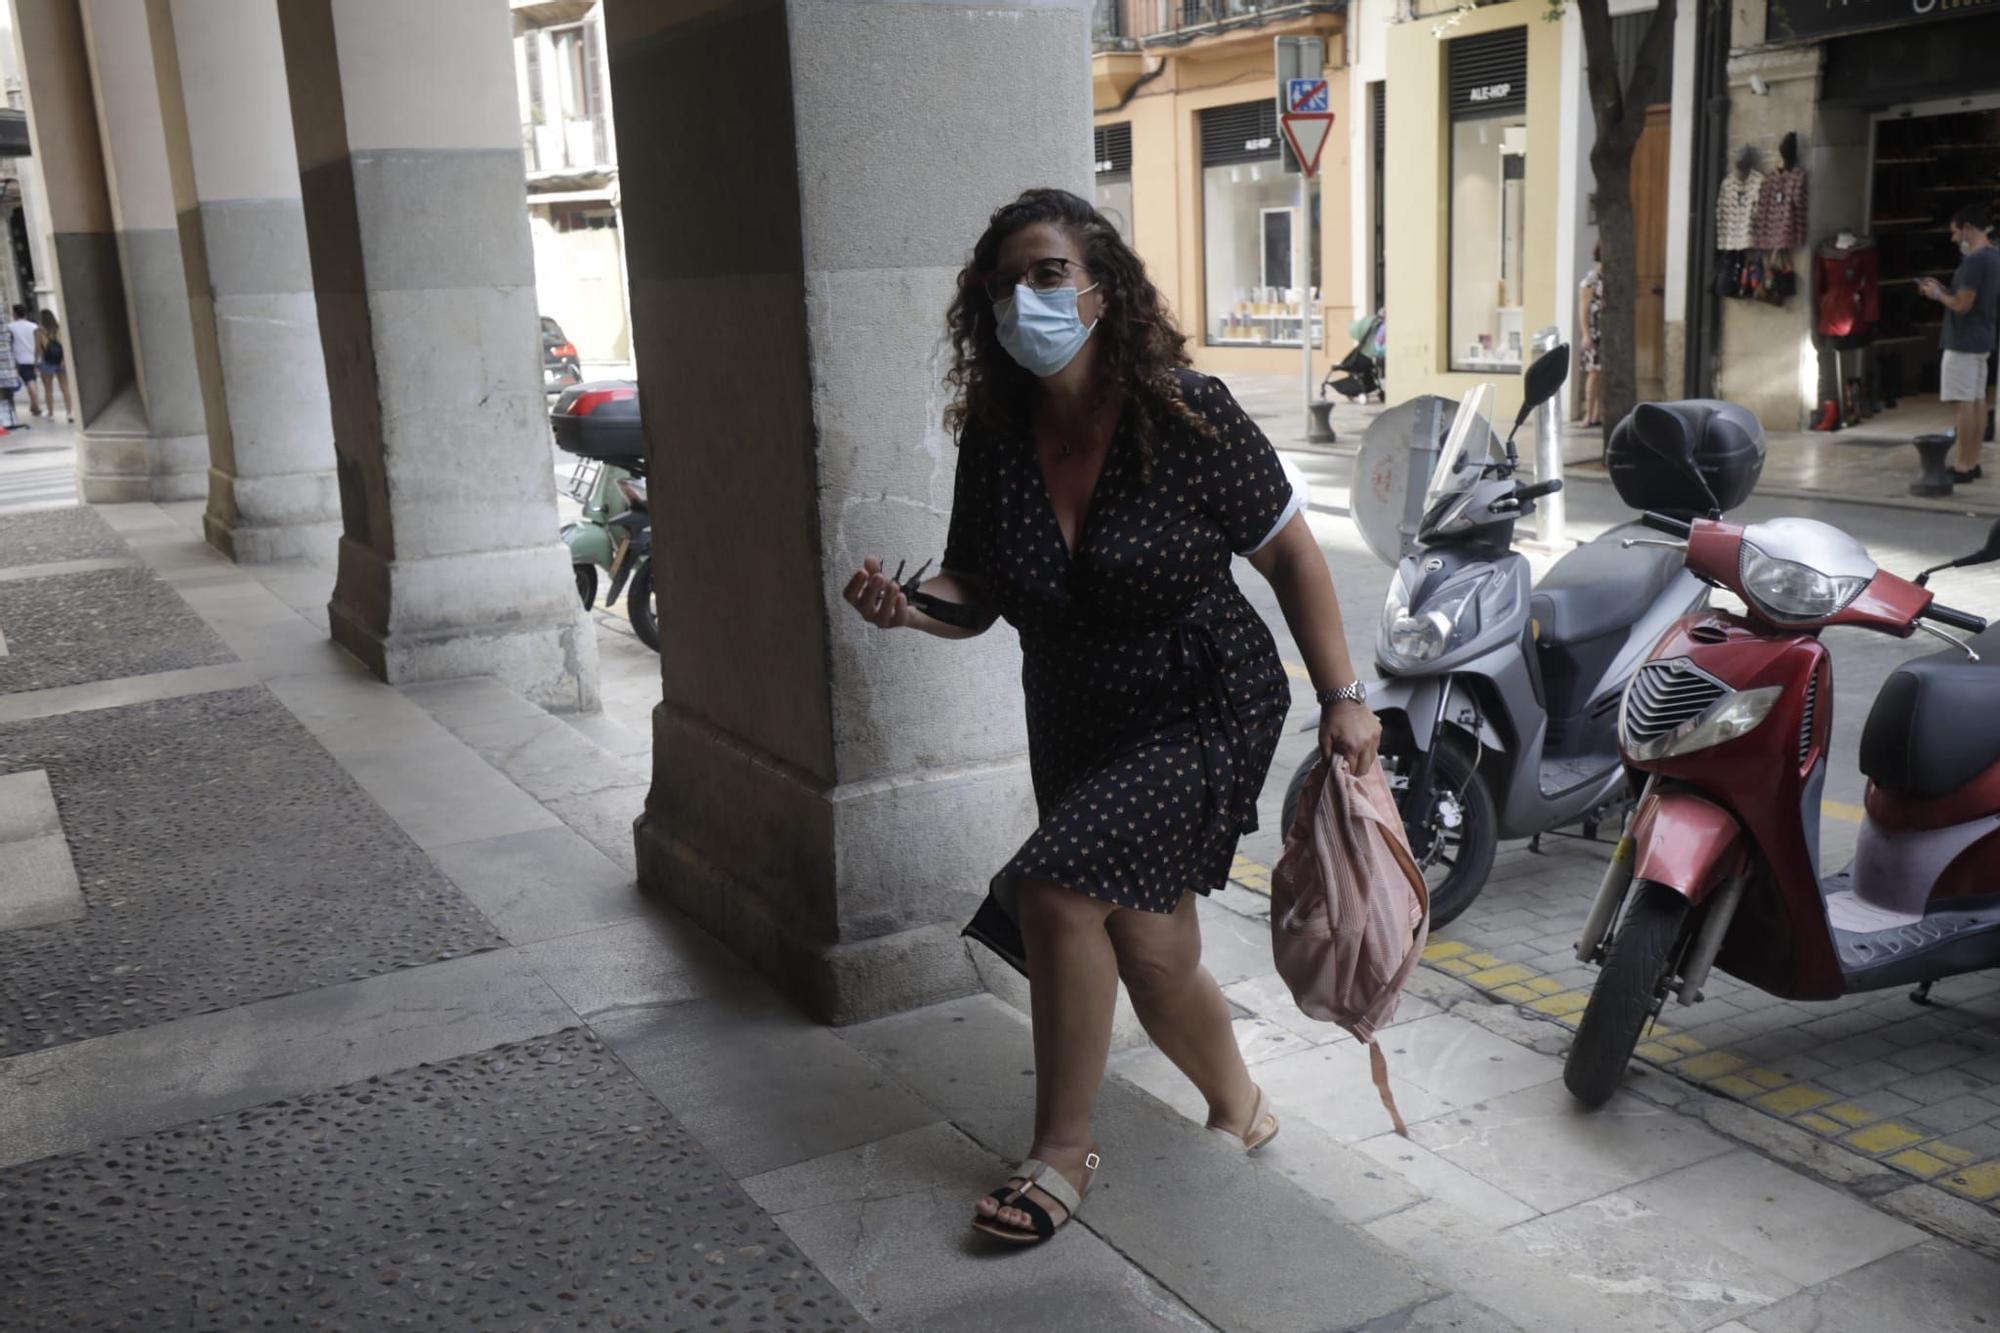 El Govern expedientará a los sanitarios que se nieguen a atender en catalán